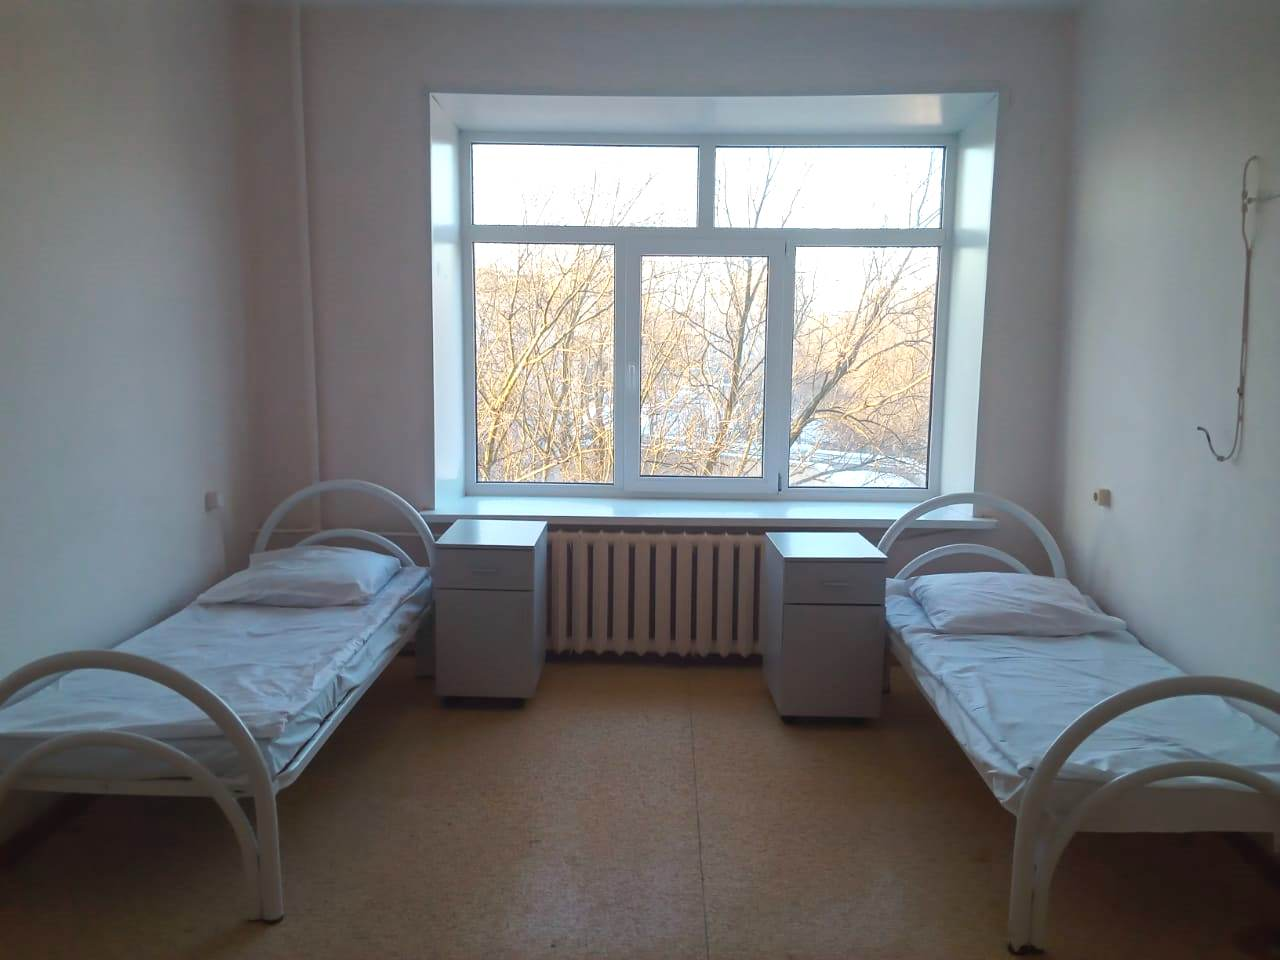 Центр амбулаторной онкологической помощи открыли в больнице №9 Ярославля